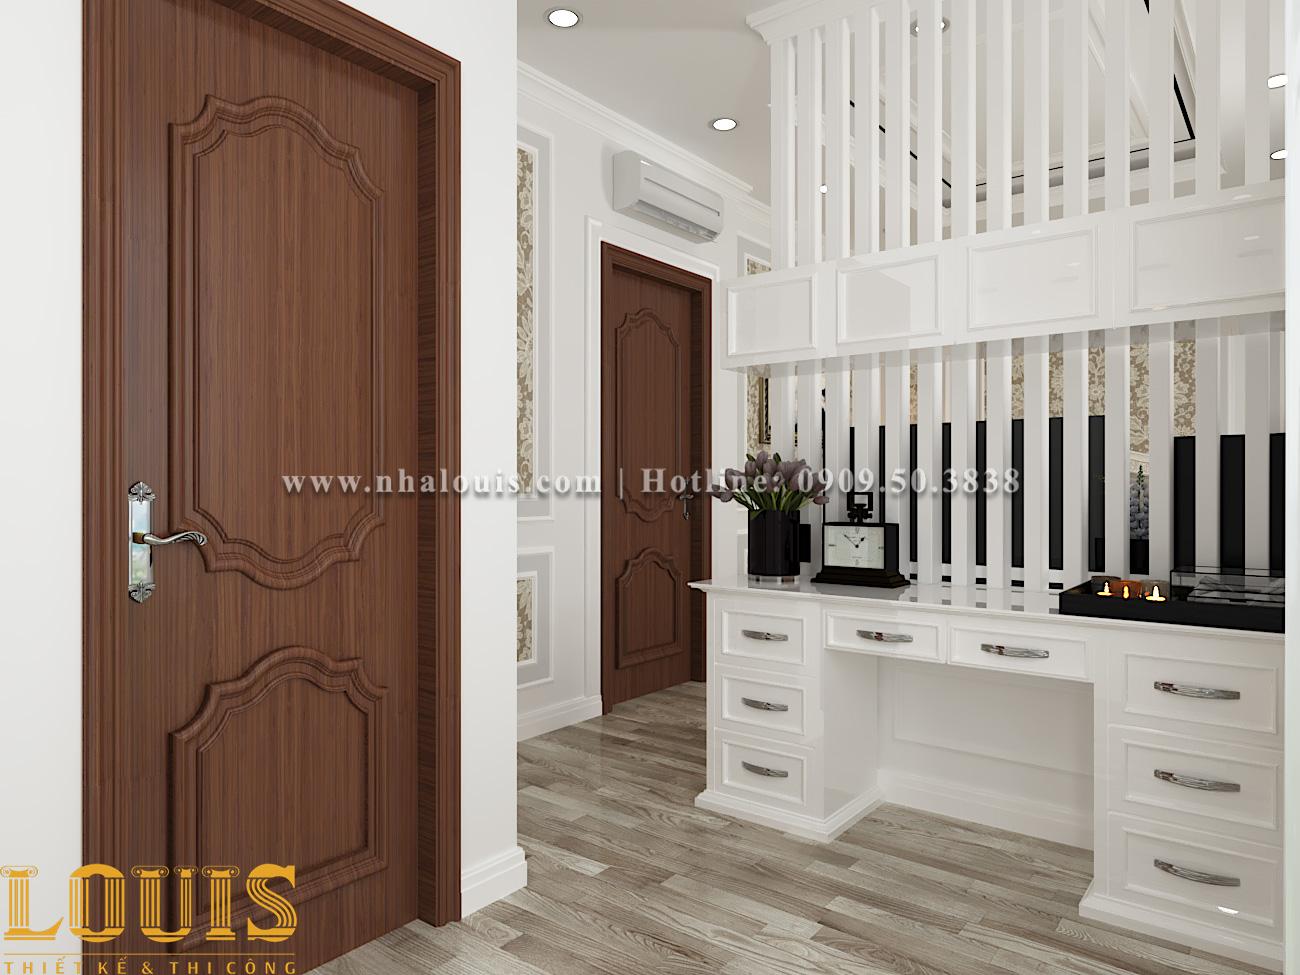 Phòng ngủ Mẫu nhà ống tân cổ điển 4 tầng tại Gò Vấp đẹp sang chảnh - 28